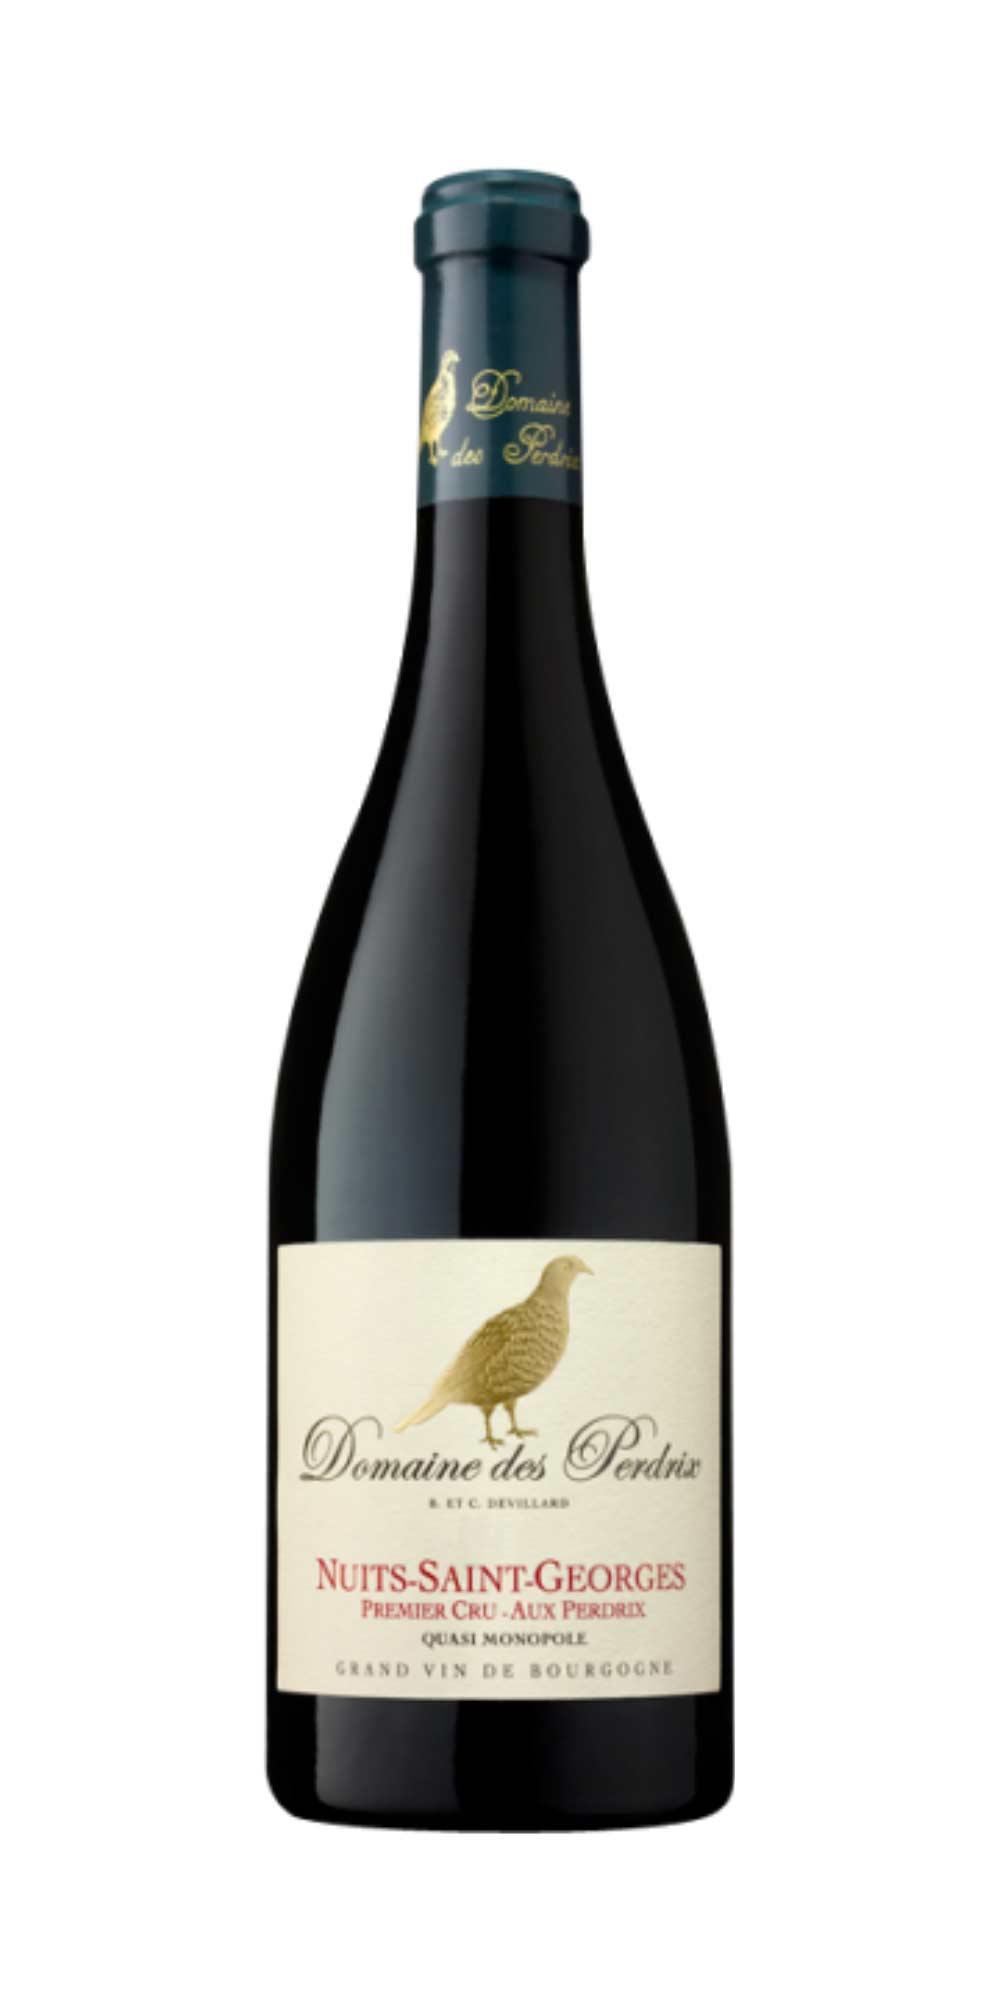 Nuits-Saint-Georges 1er Cru Aux Perdrix 2010 Domaine des Perdrix - Wine il vino